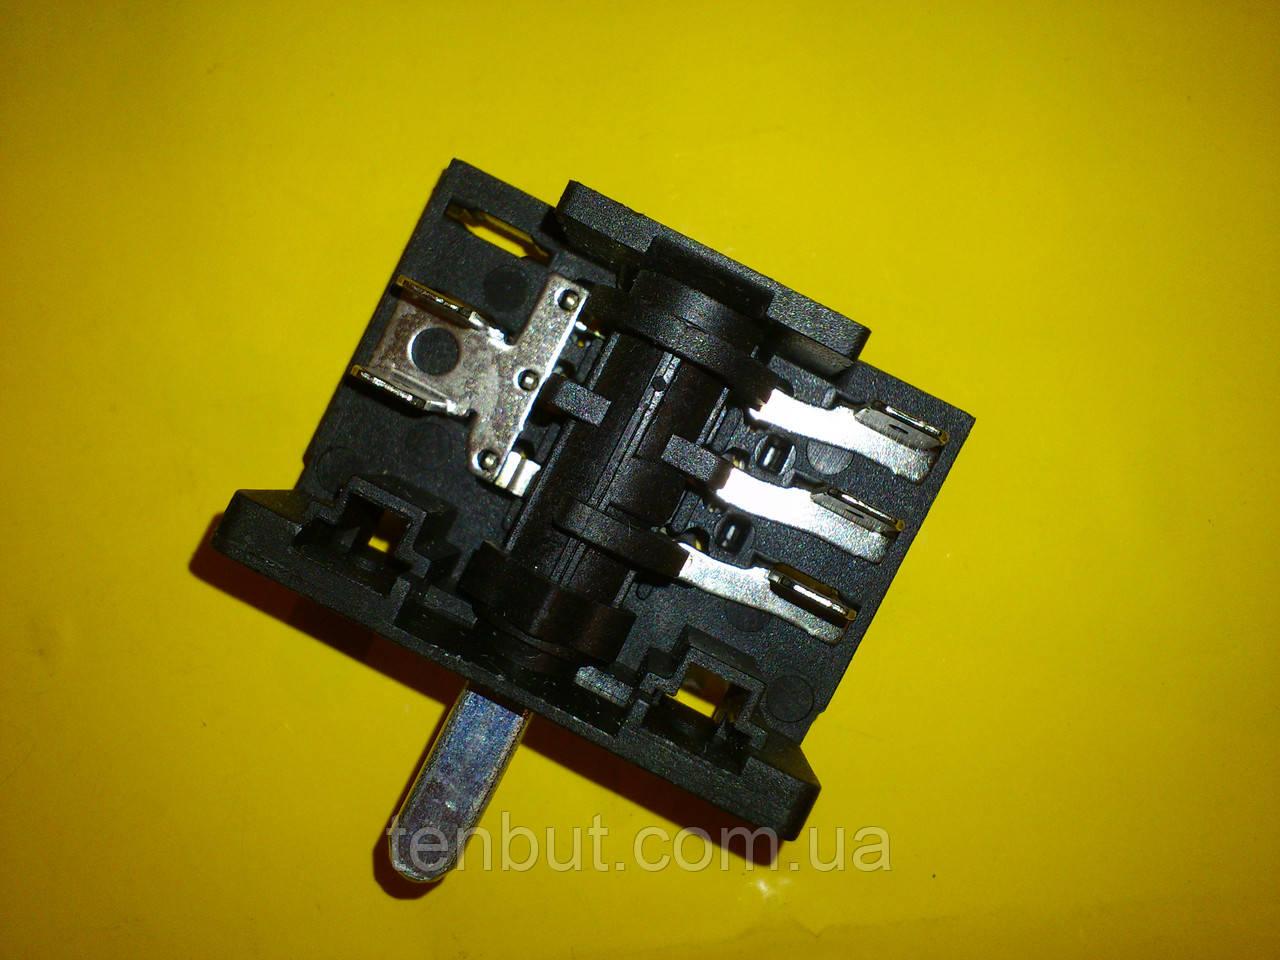 Перемикач для електродуховок АС 301 ( В ) клеми вгору виробництво Туреччина